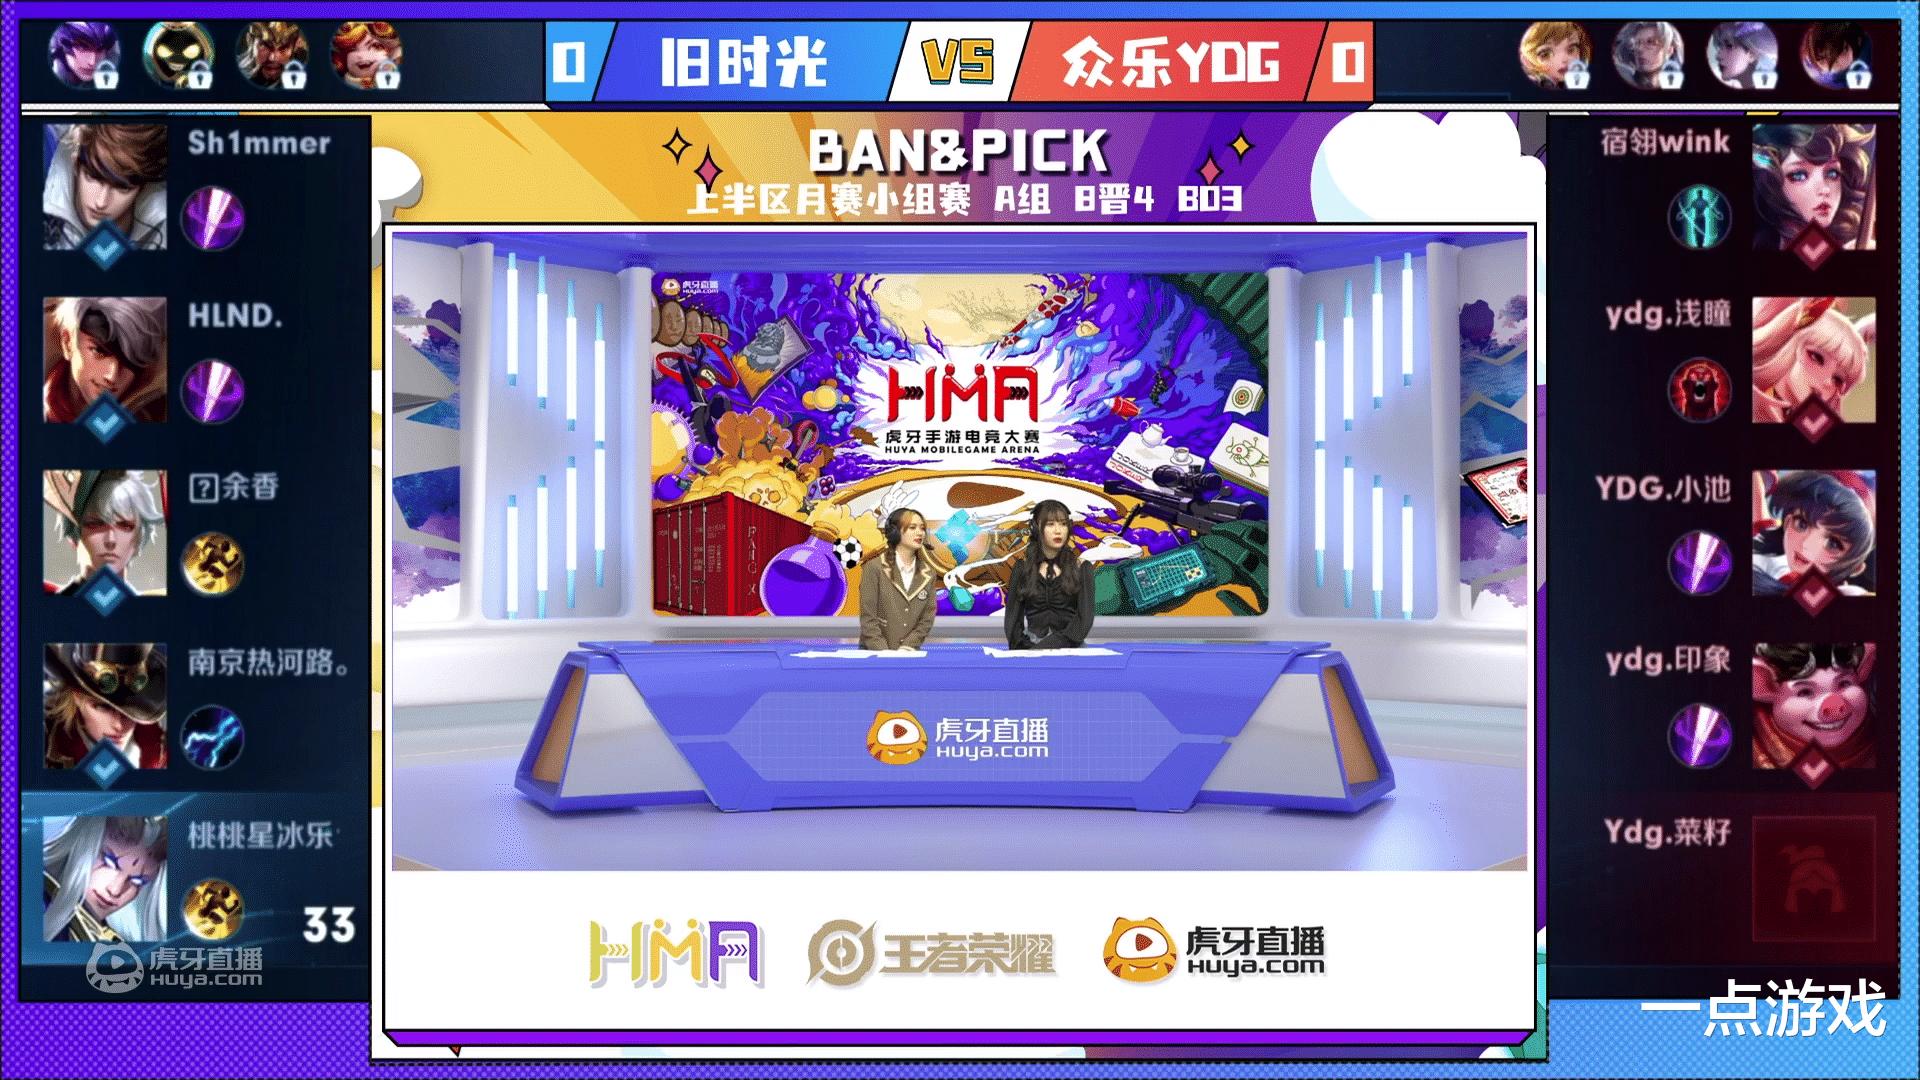 《【煜星h5登录】王者荣耀:孤影心碎了,YDG惨遭被零封,输掉比赛仅用了12分钟!》